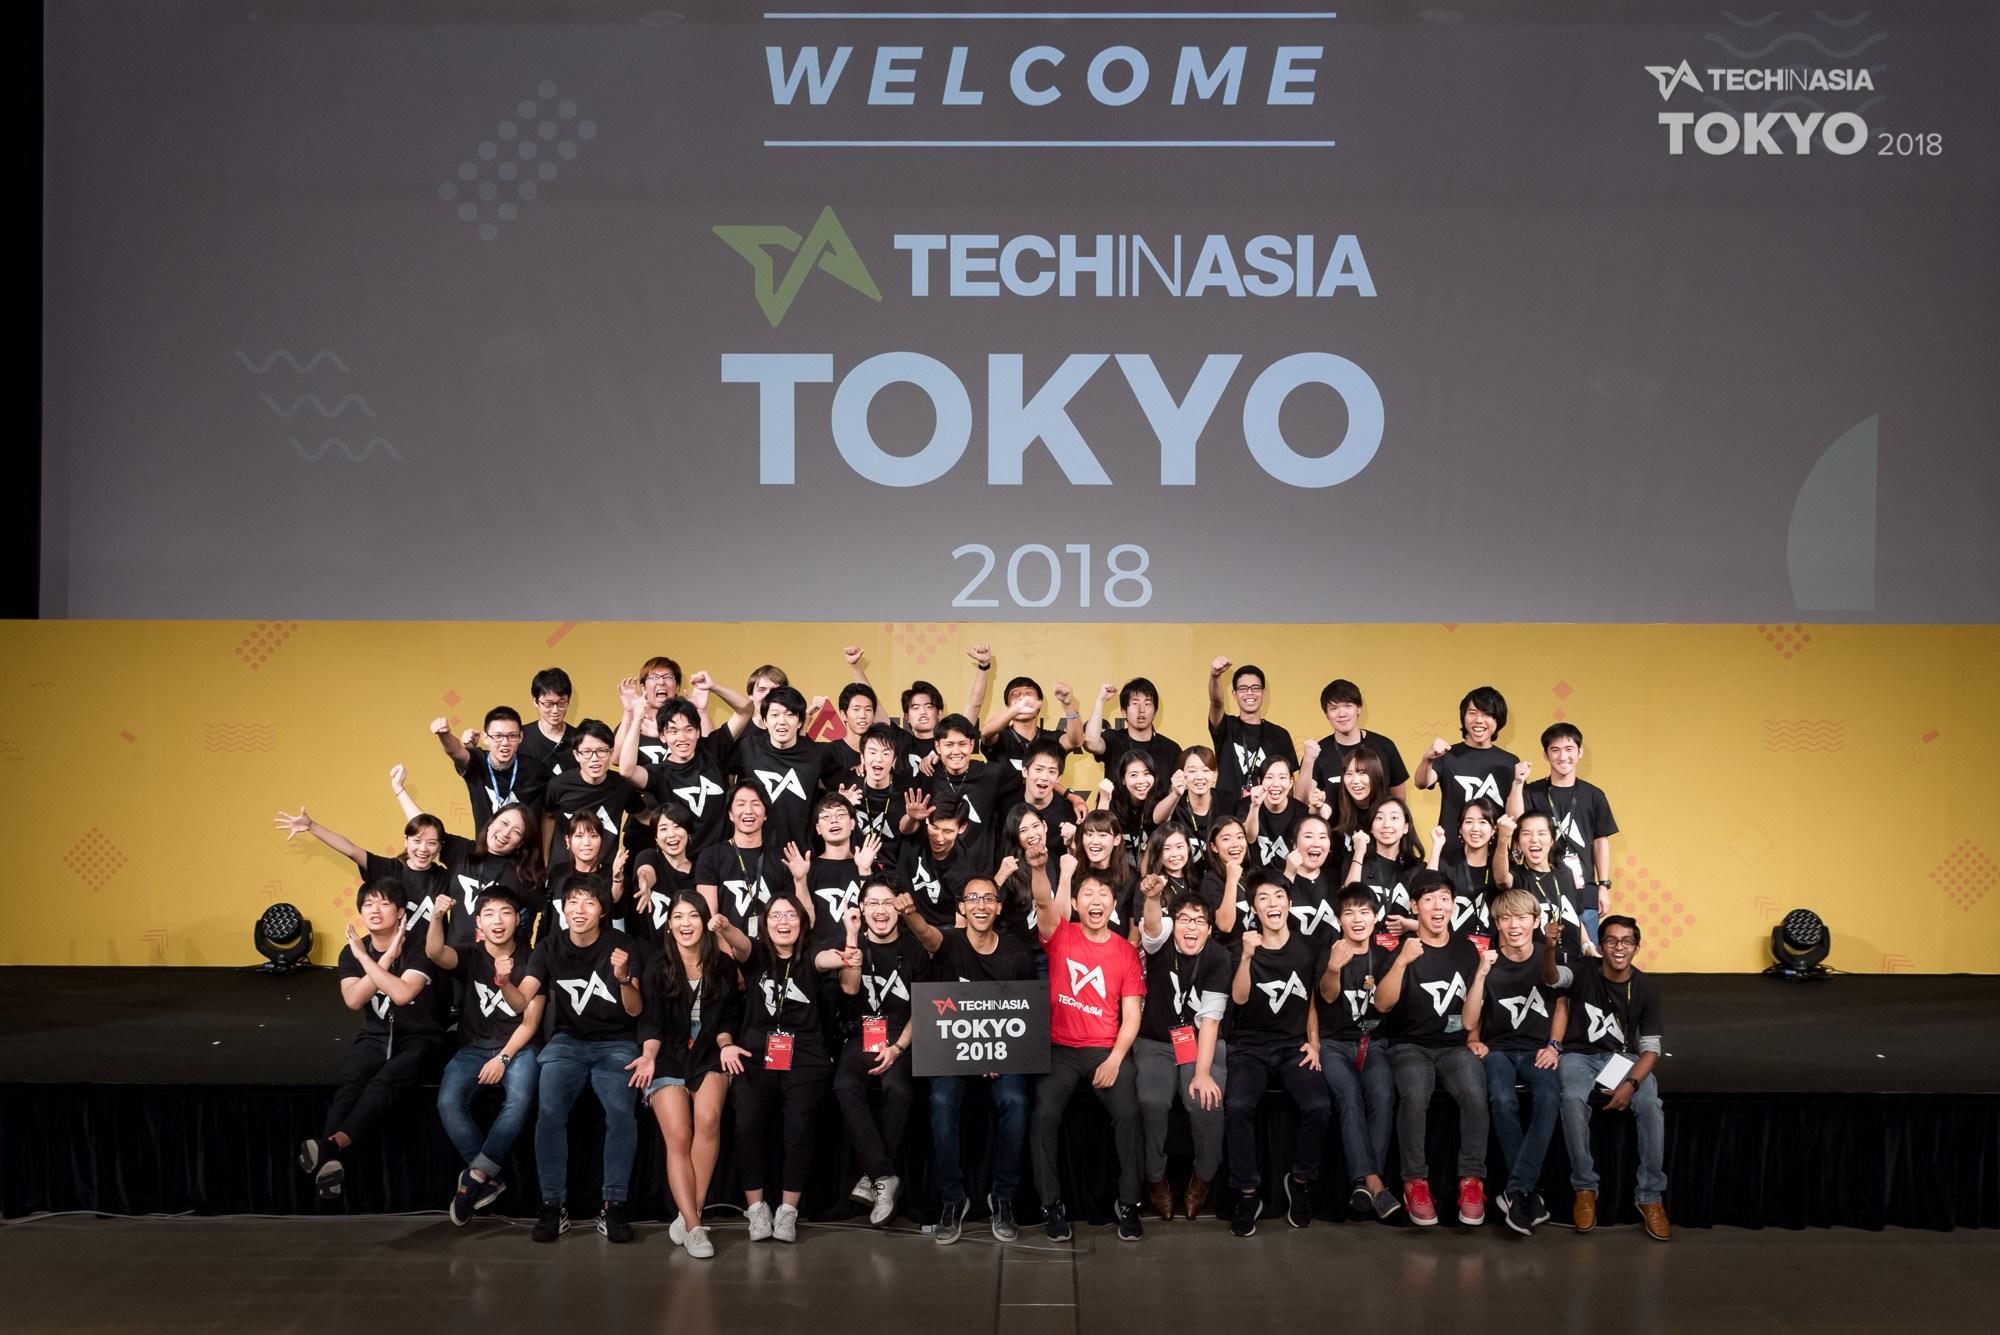 アジアのtechスタートアップエコシステムをビジネスマッチングで繋ぐ